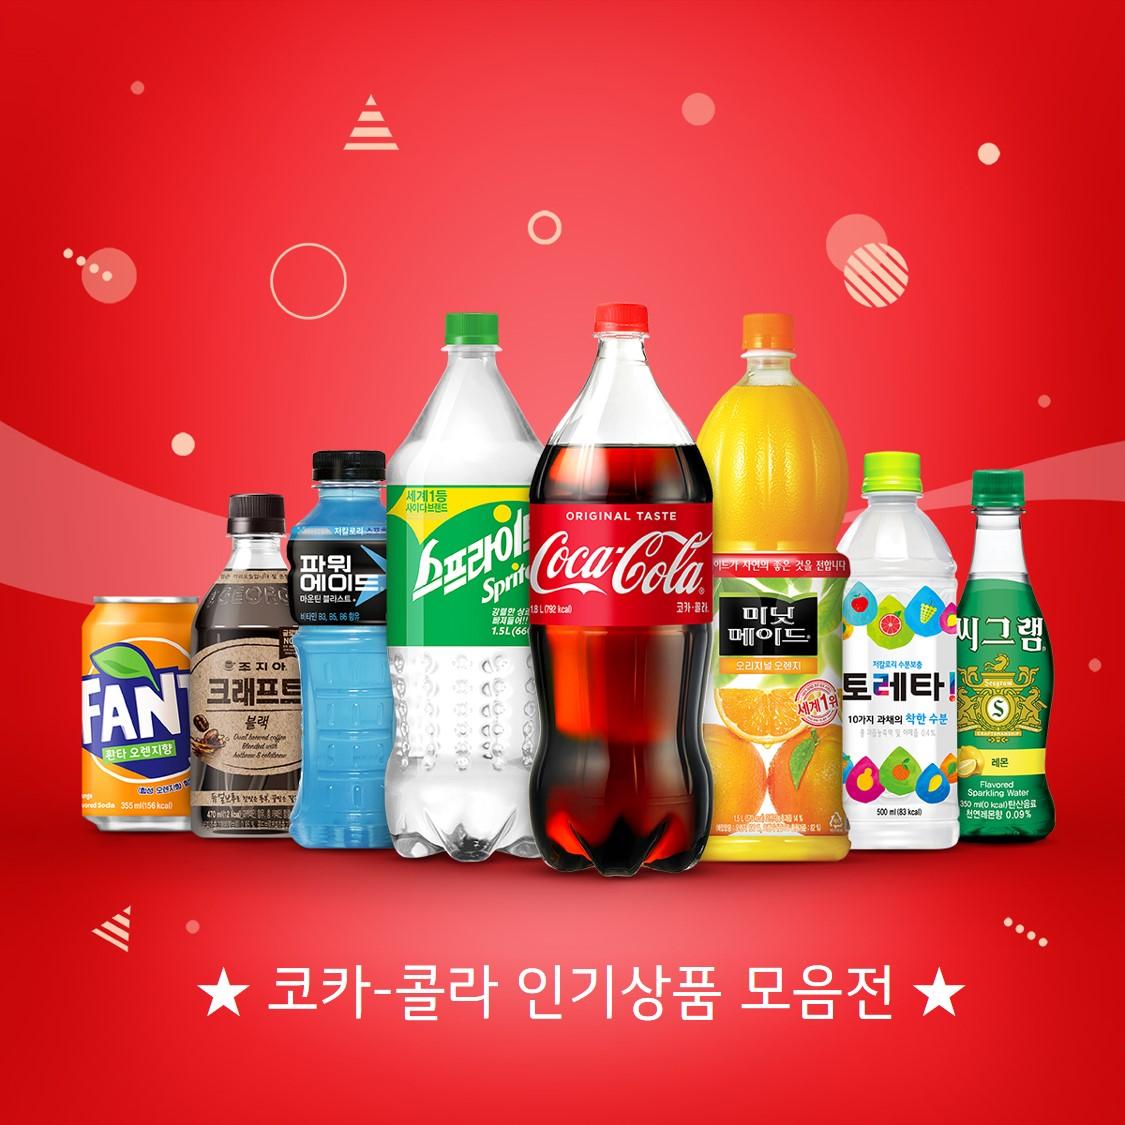 [코카콜라] 점포 인기상품 온라인 기획전